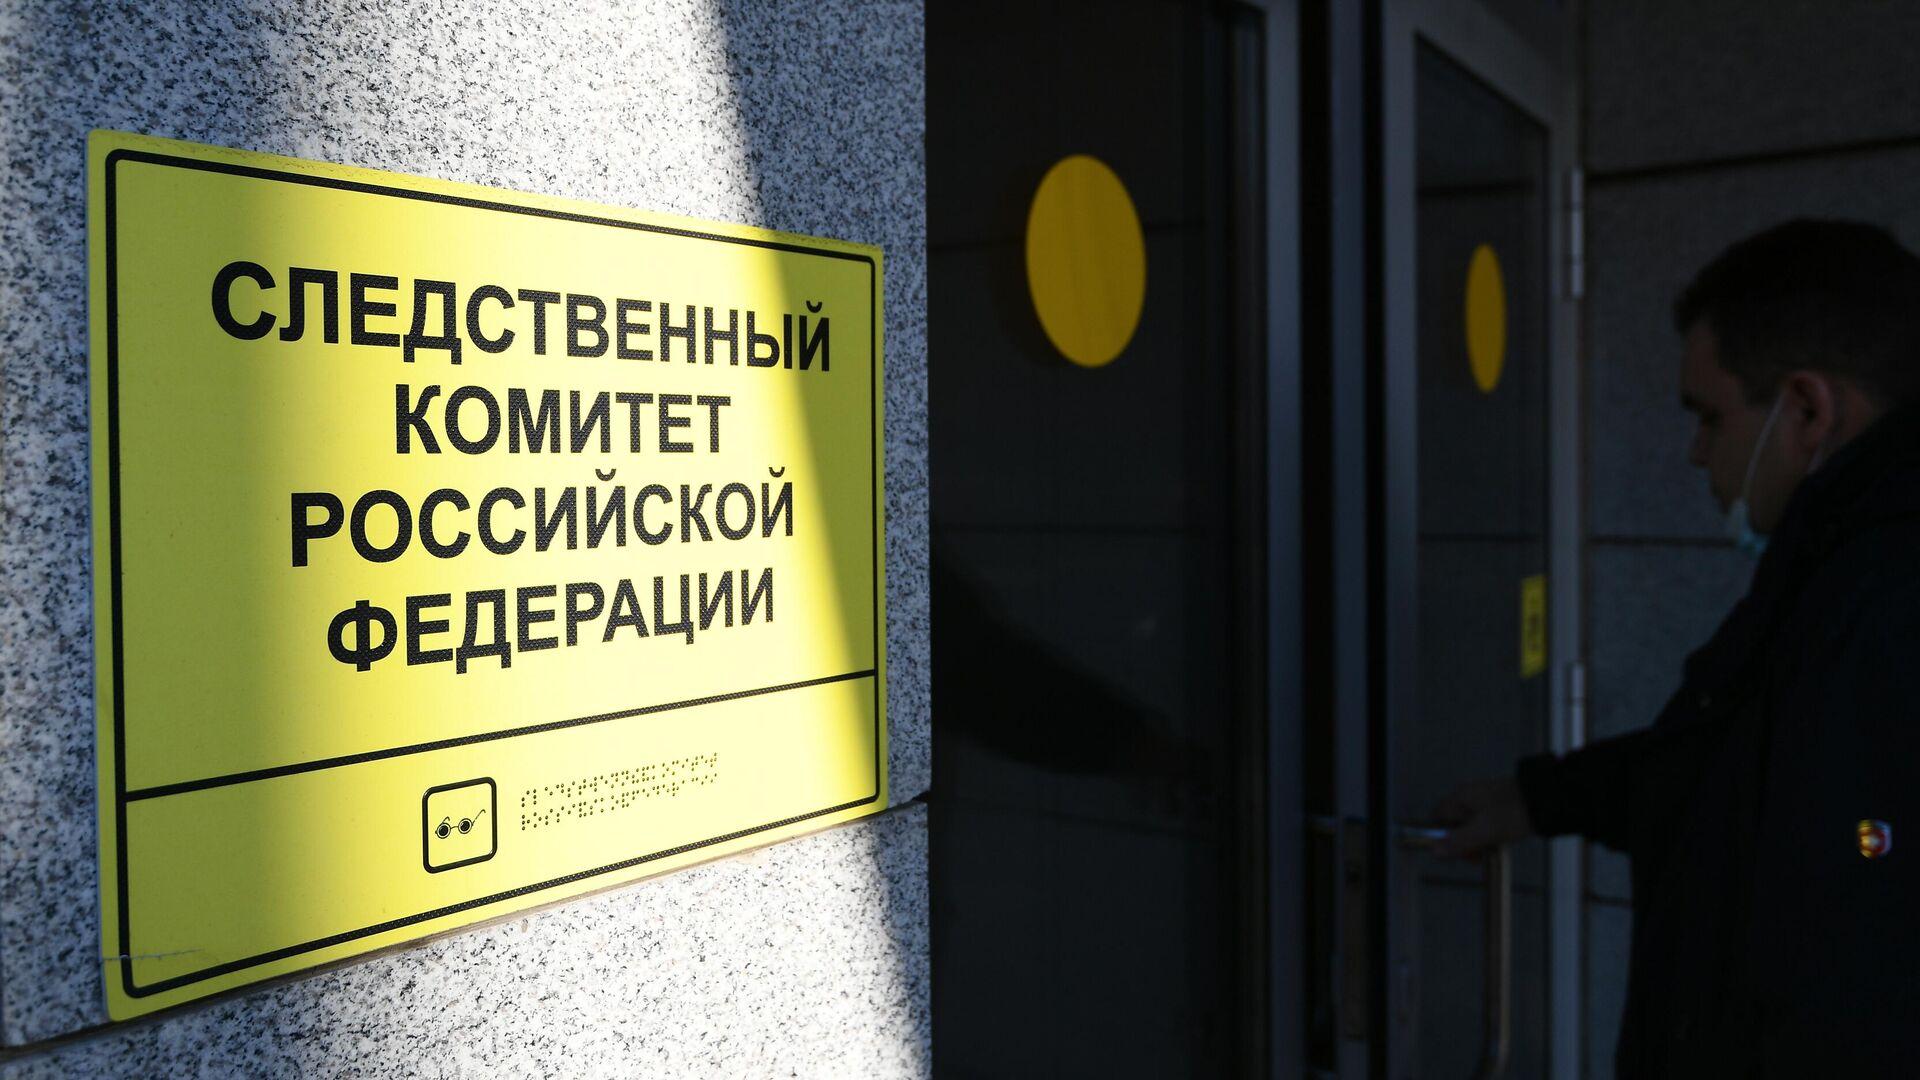 Человек заходит в здание Следственного комитета РФ в Москве - РИА Новости, 1920, 29.06.2021